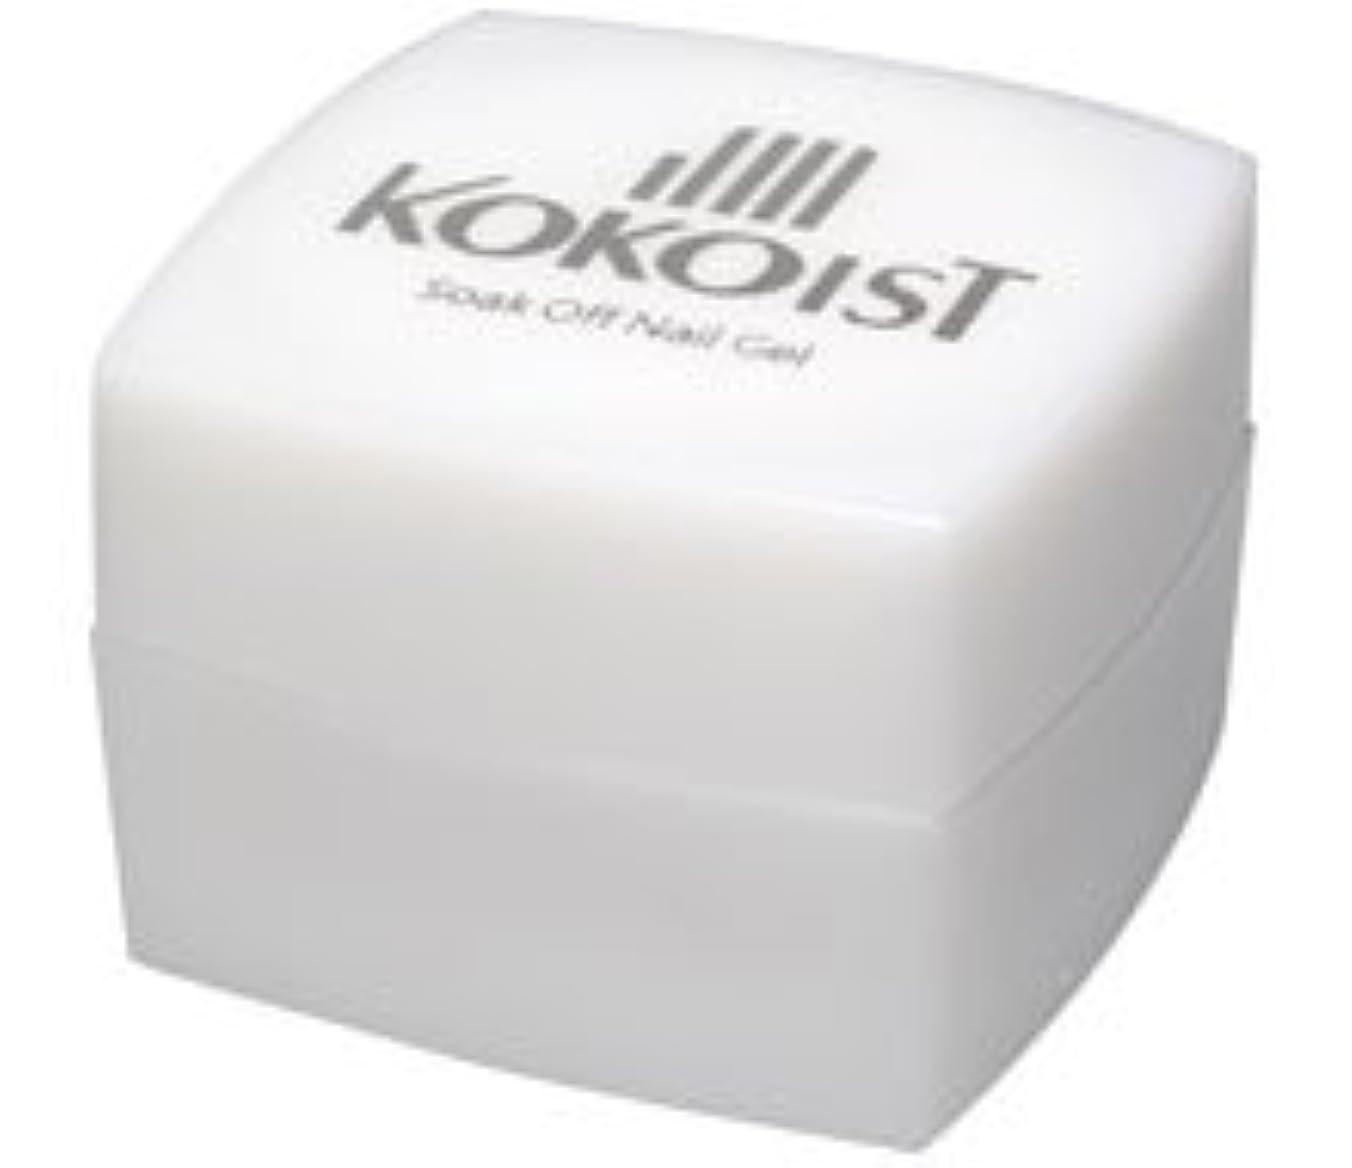 実現可能契約する定義するKOKOIST(ココイスト) ソークオフ クリアジェル プラチナボンドII 4g